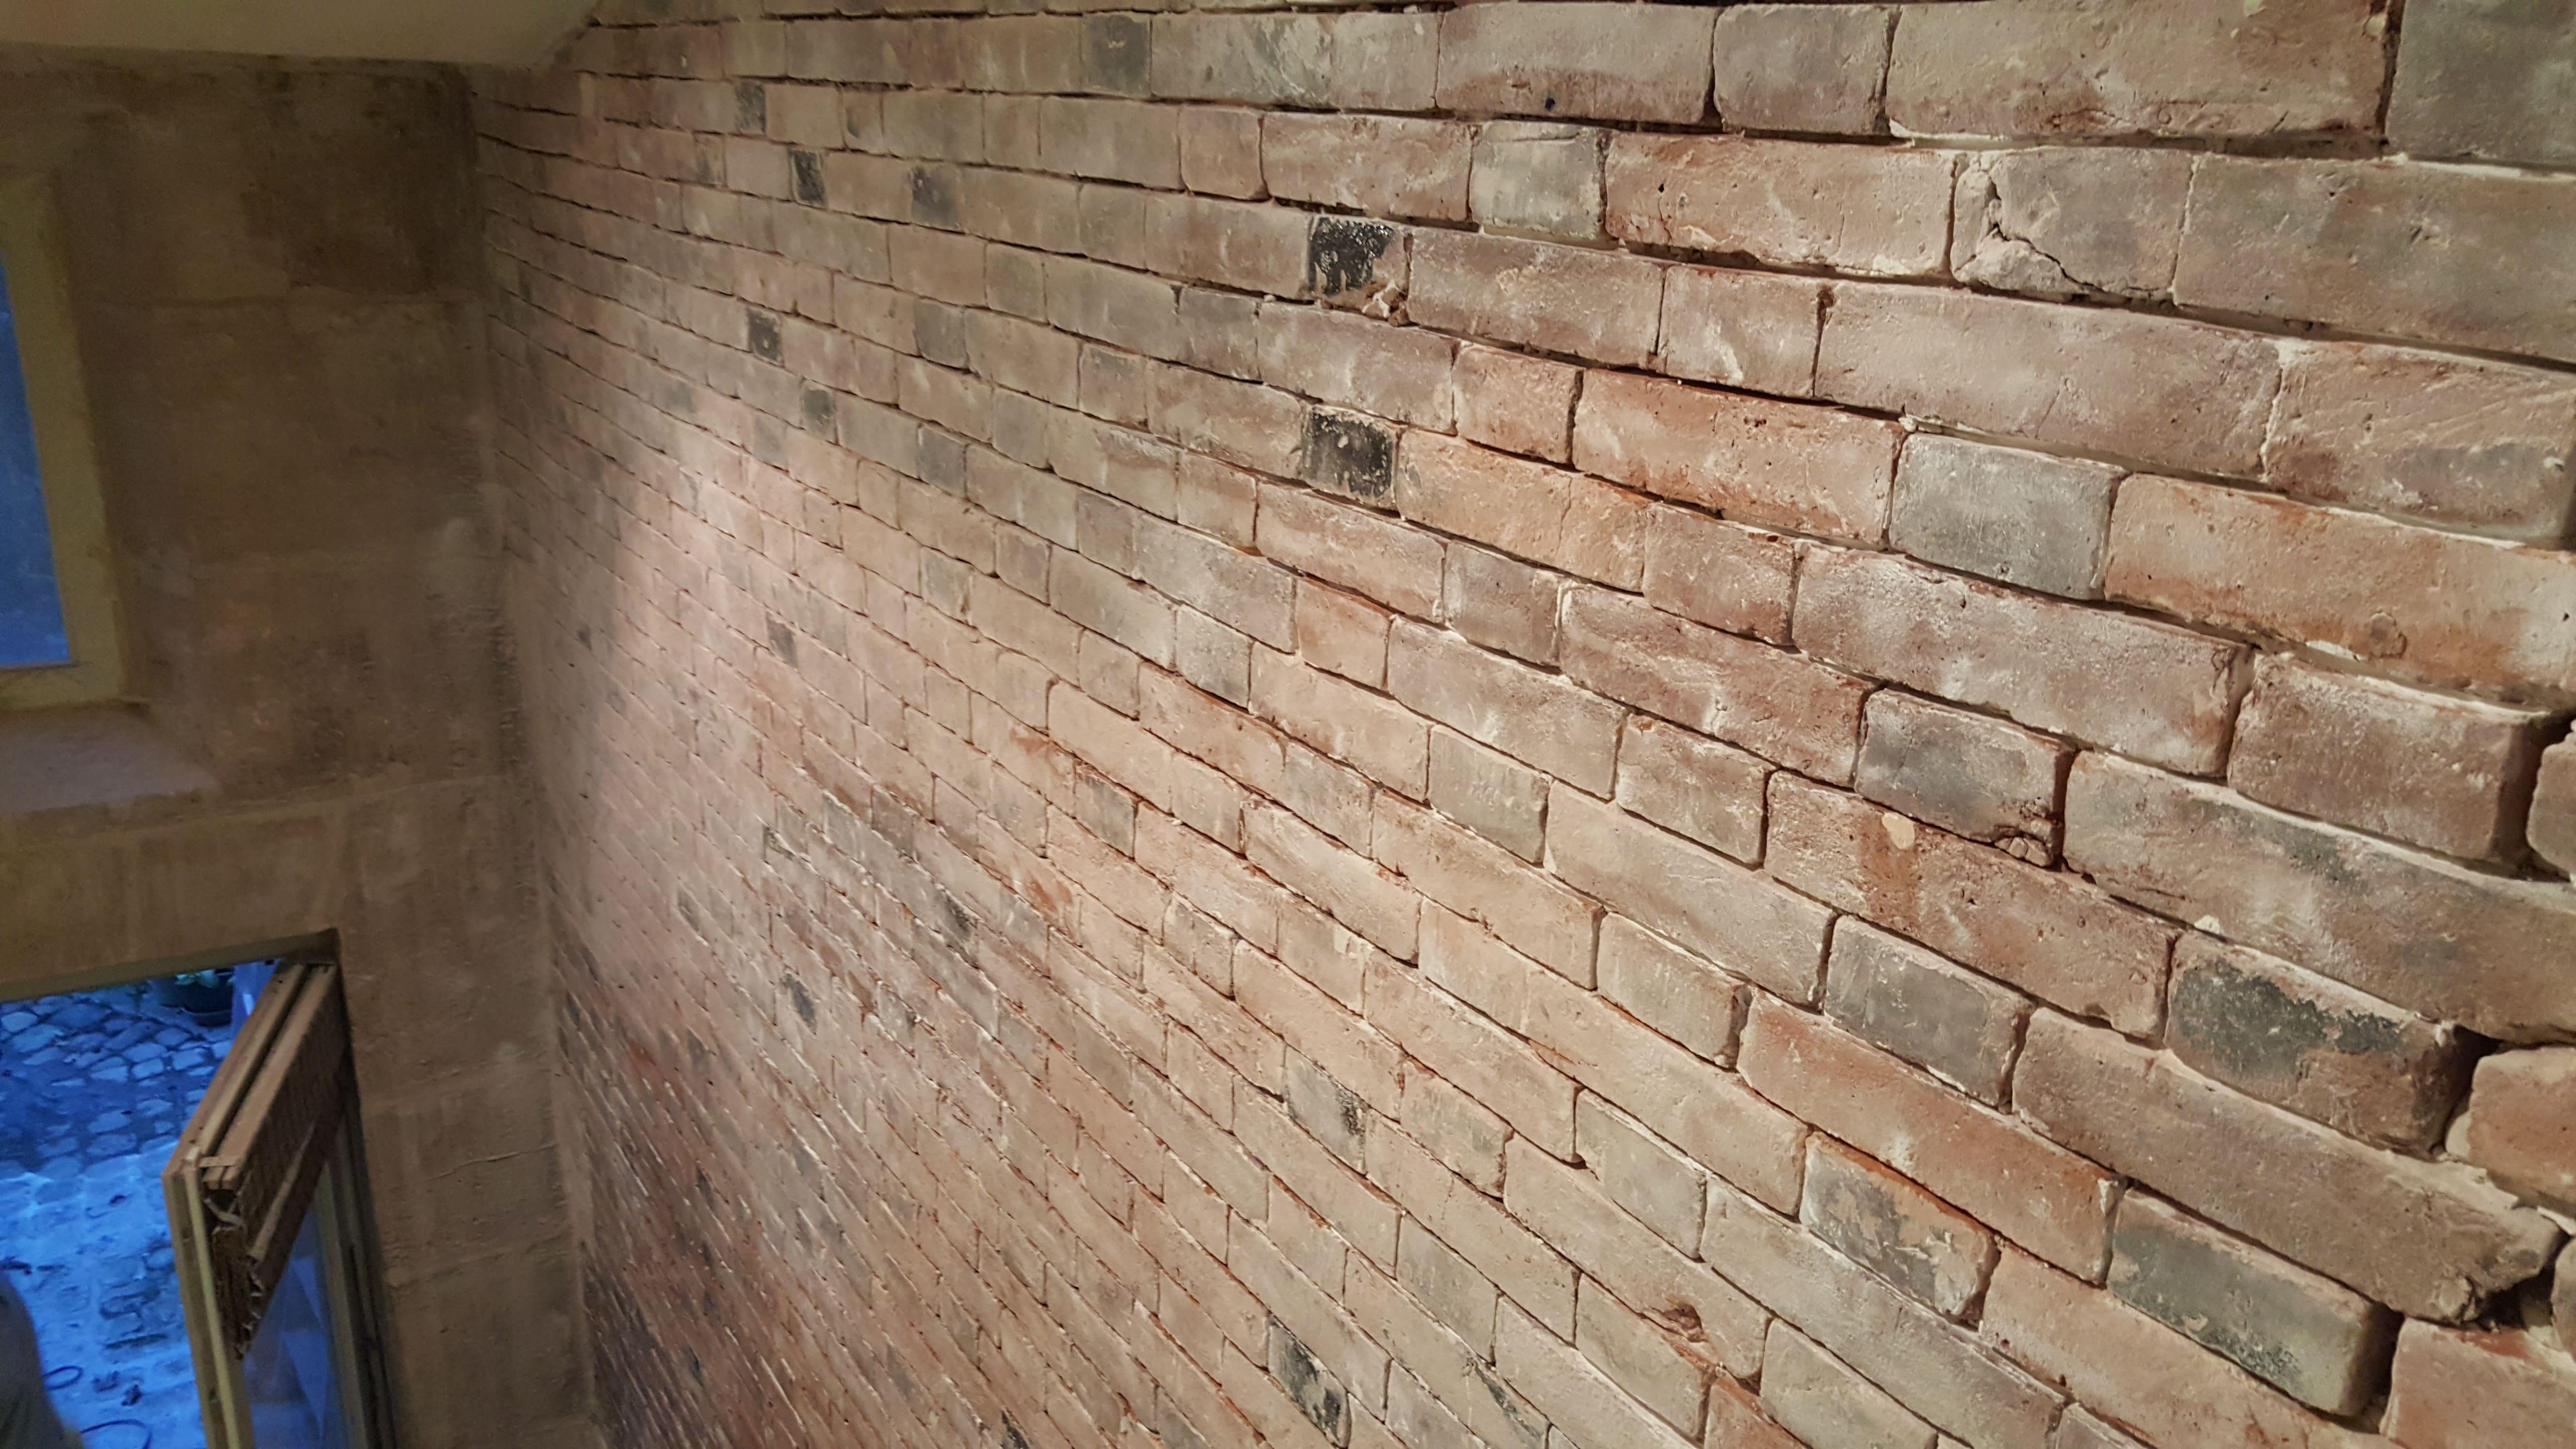 travaux-de-renovation-mur-de-brique-1-nettoyage-detachage-et-retapage-des-joints-societe-texas-batiment-min